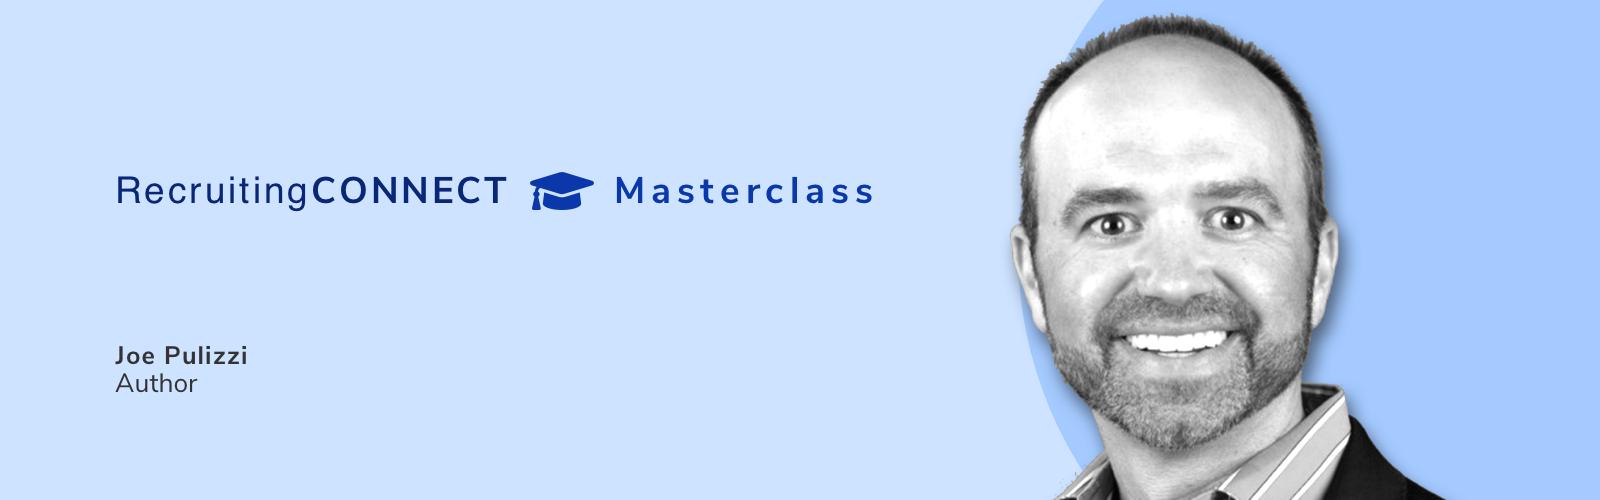 Talentry RecruitingCONNECT Masterclass Joe Pulizzi